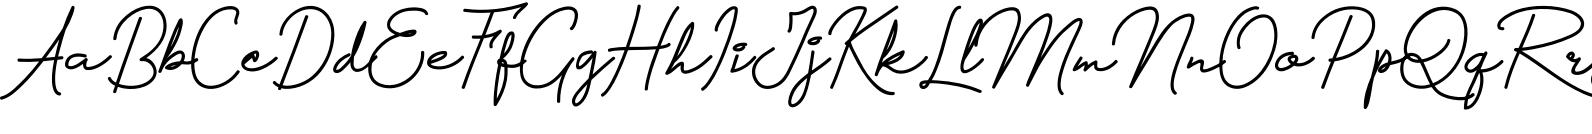 The Valleys Script